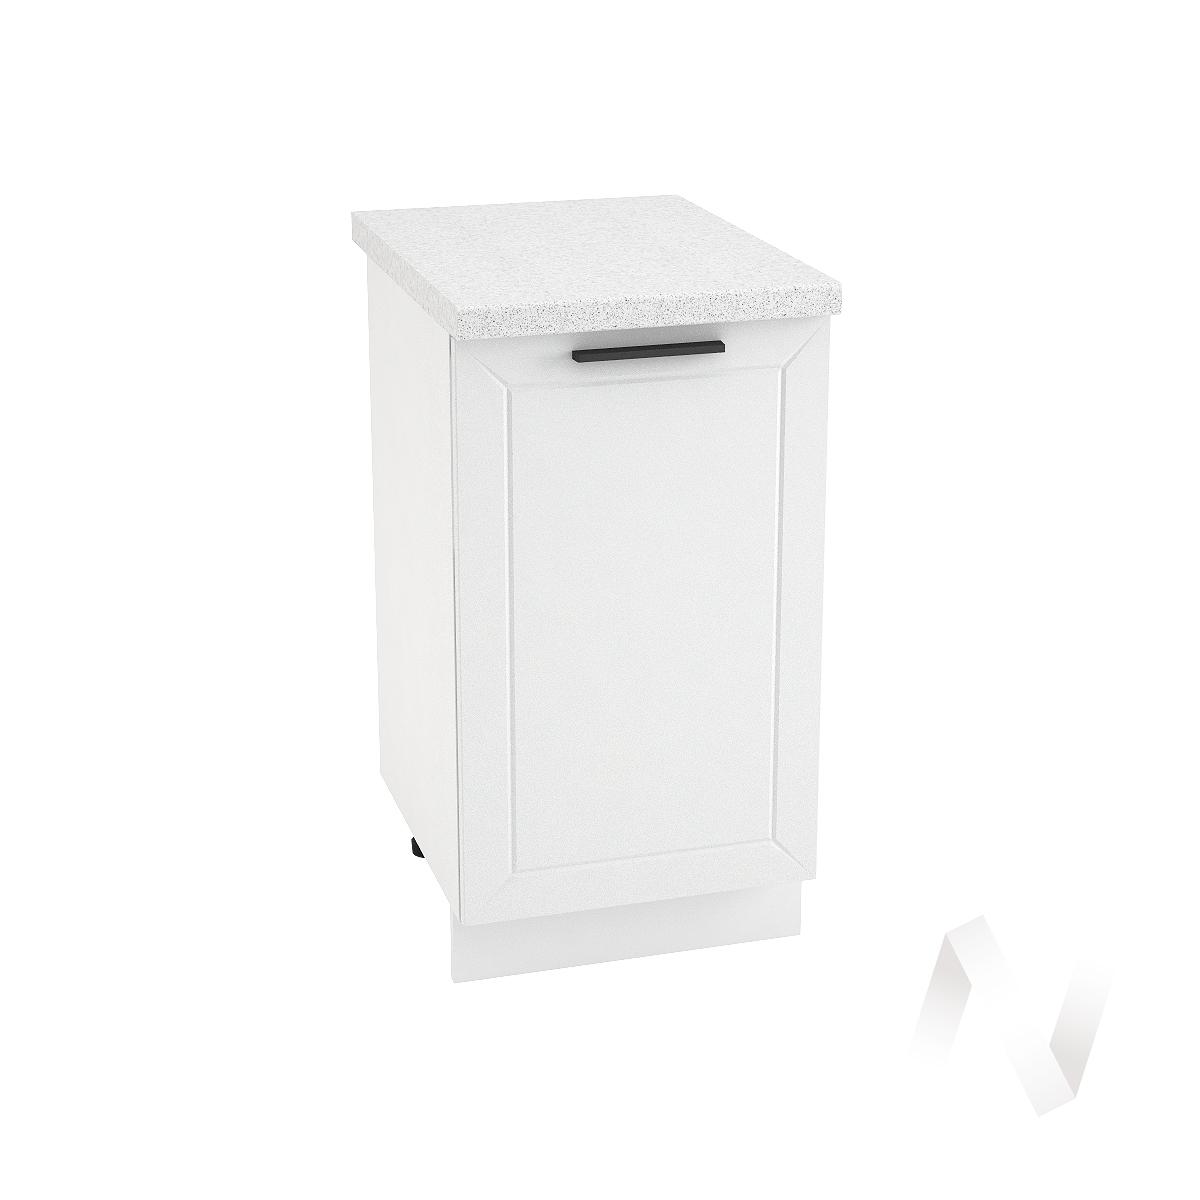 """Кухня """"Глетчер"""": Шкаф нижний 450, ШН 450 (Айленд Силк/корпус белый)"""